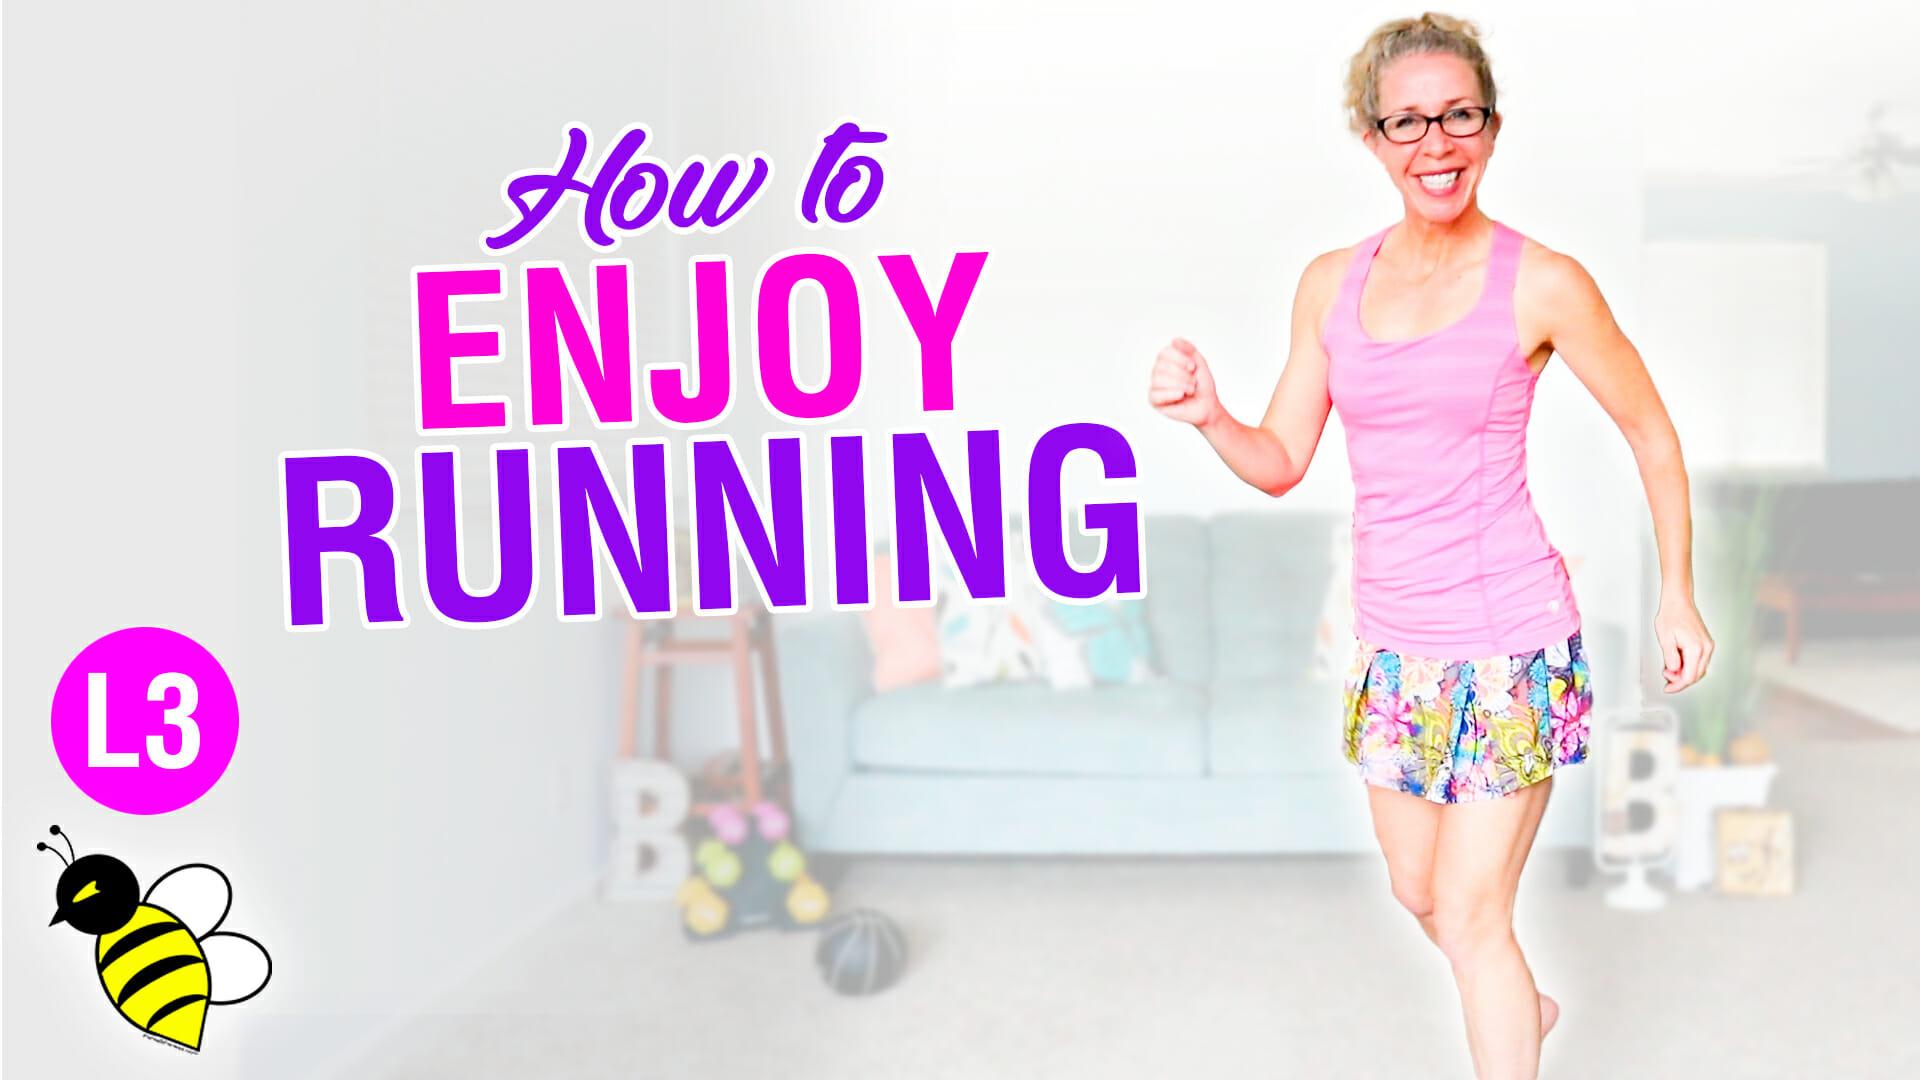 How to ENJOY RUNNING 15 minute indoor run